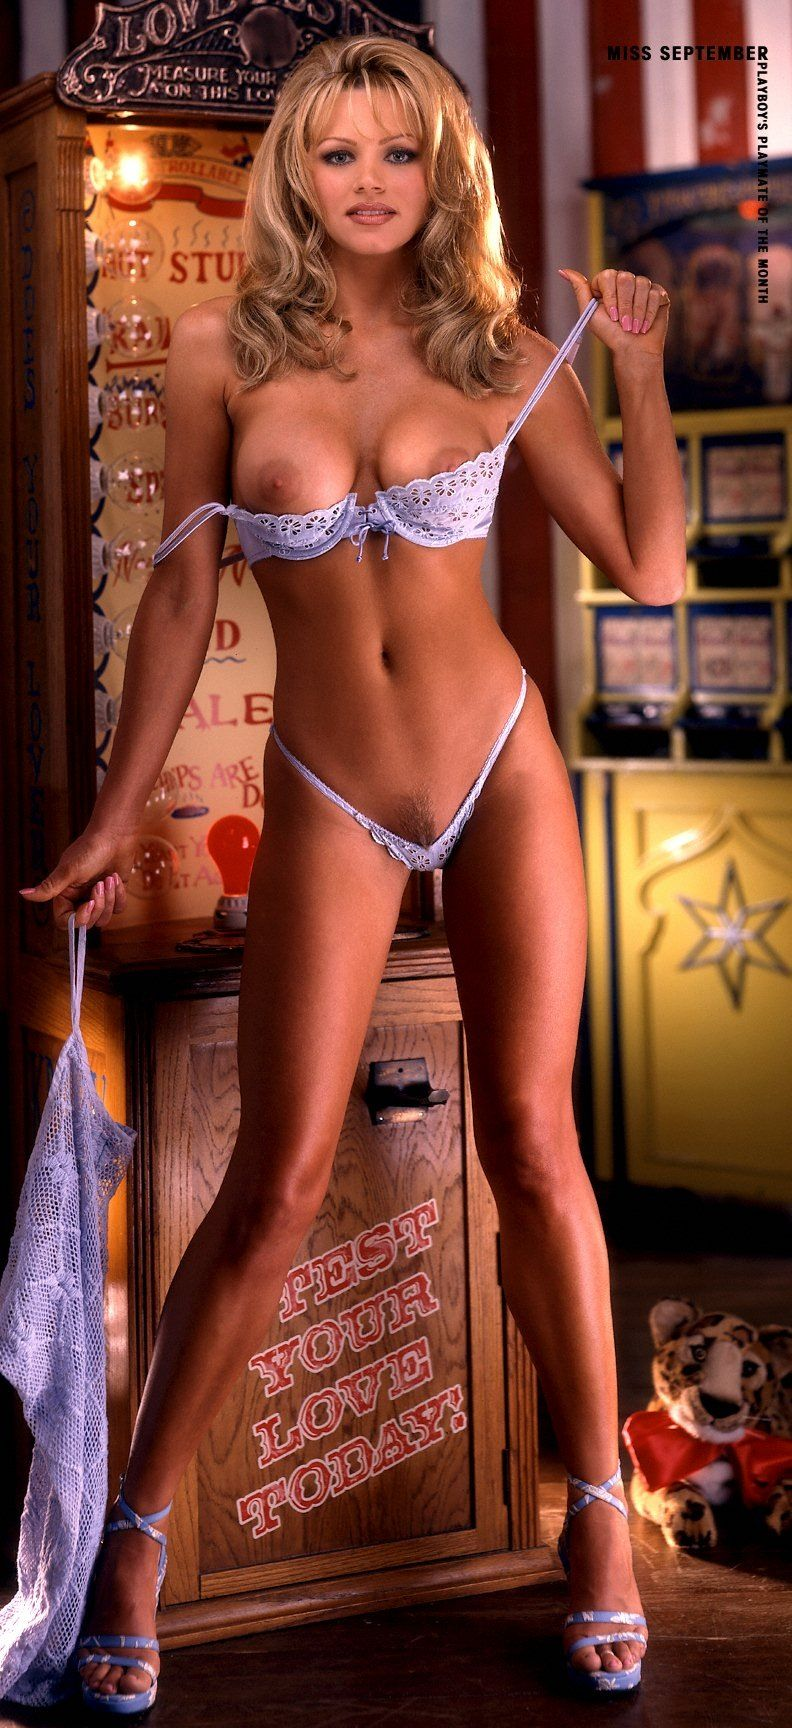 Nikki ziering nude Playboy